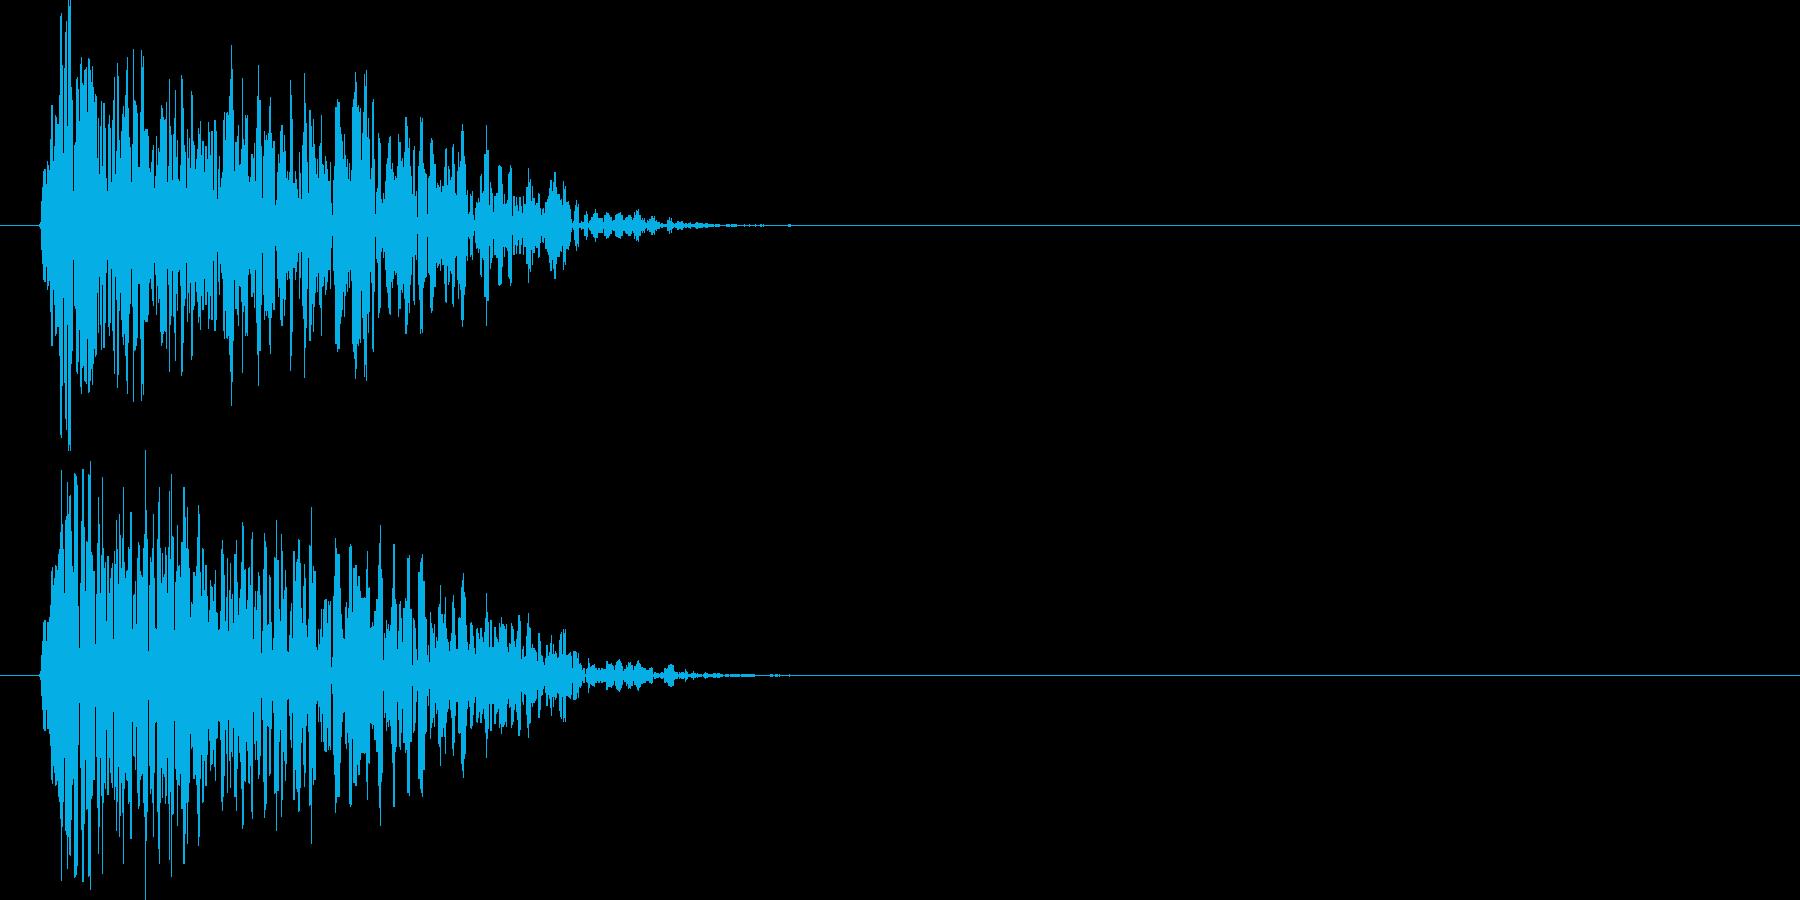 ドゥォーーン(爆発音)の再生済みの波形